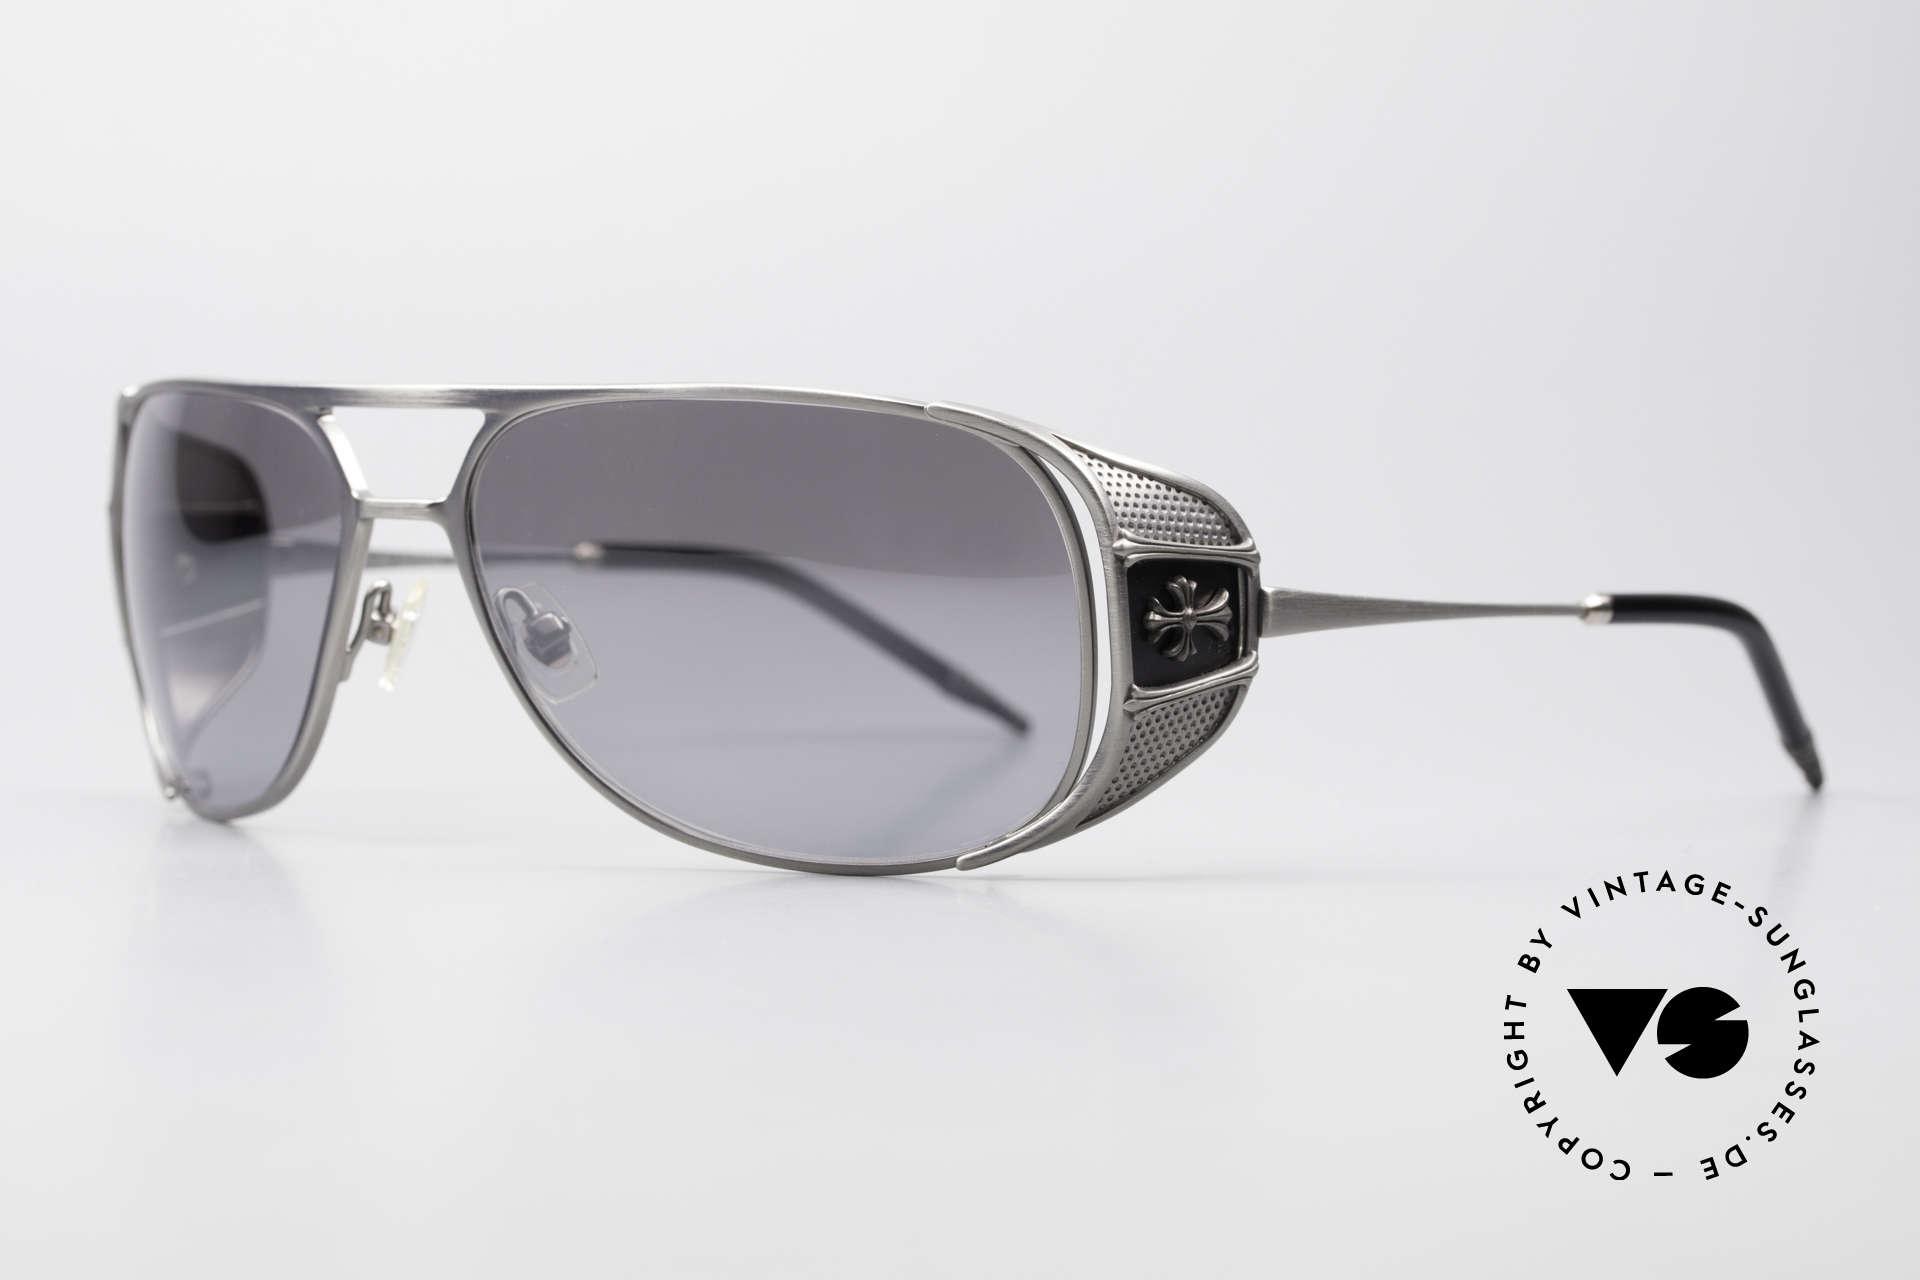 Chrome Hearts Jones Luxus Sonnenbrille Für Kenner, herausragende Handwerkskunst (made in Japan), Passend für Herren